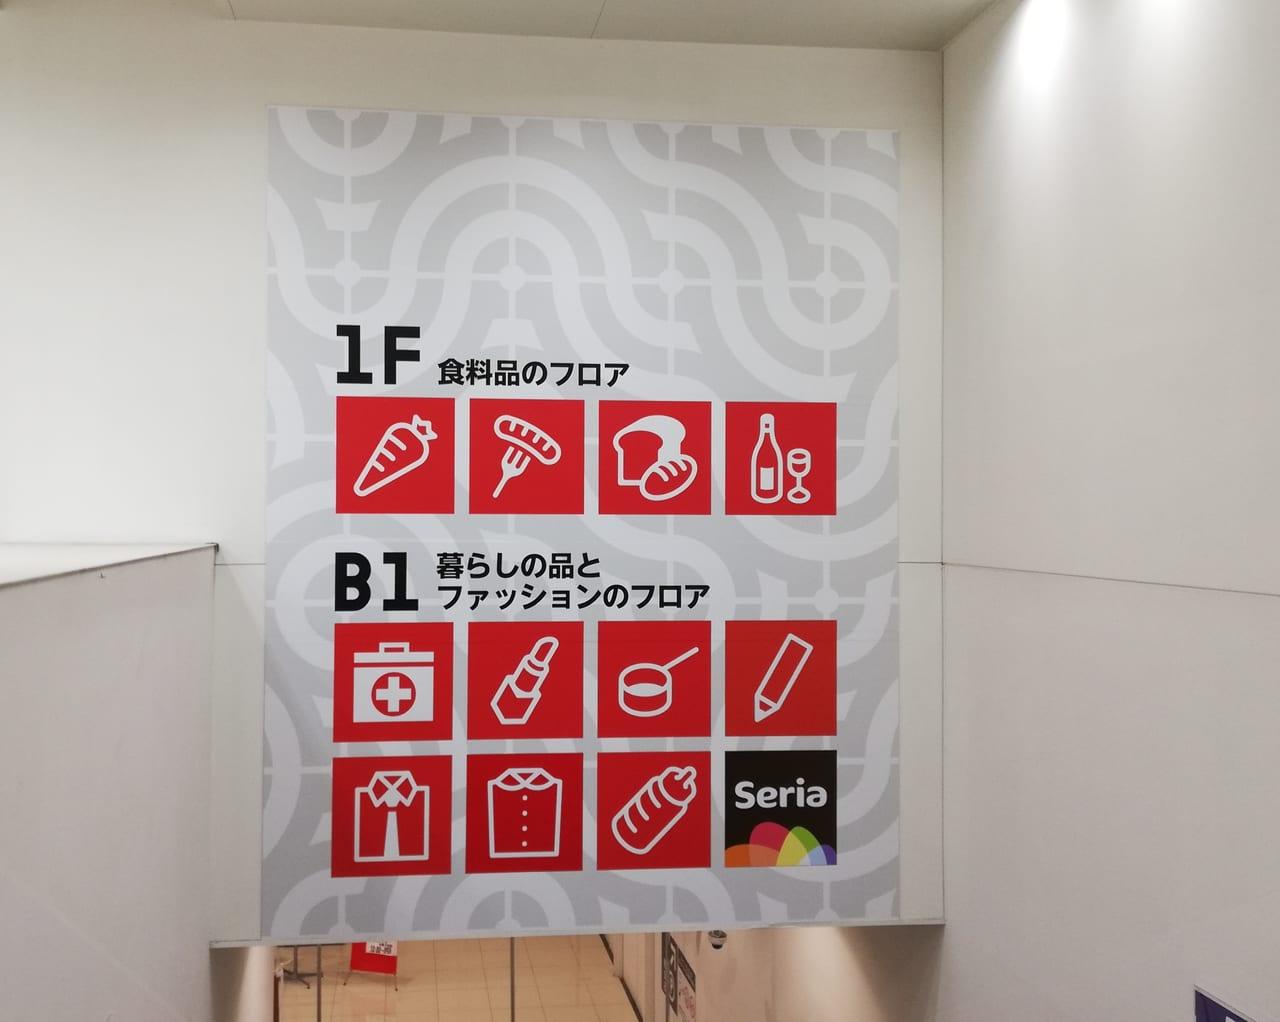 セリア西友平塚店が9月10日(木)にオープン!期間・数量限定のオリジナルトートバッグのプレゼントも!